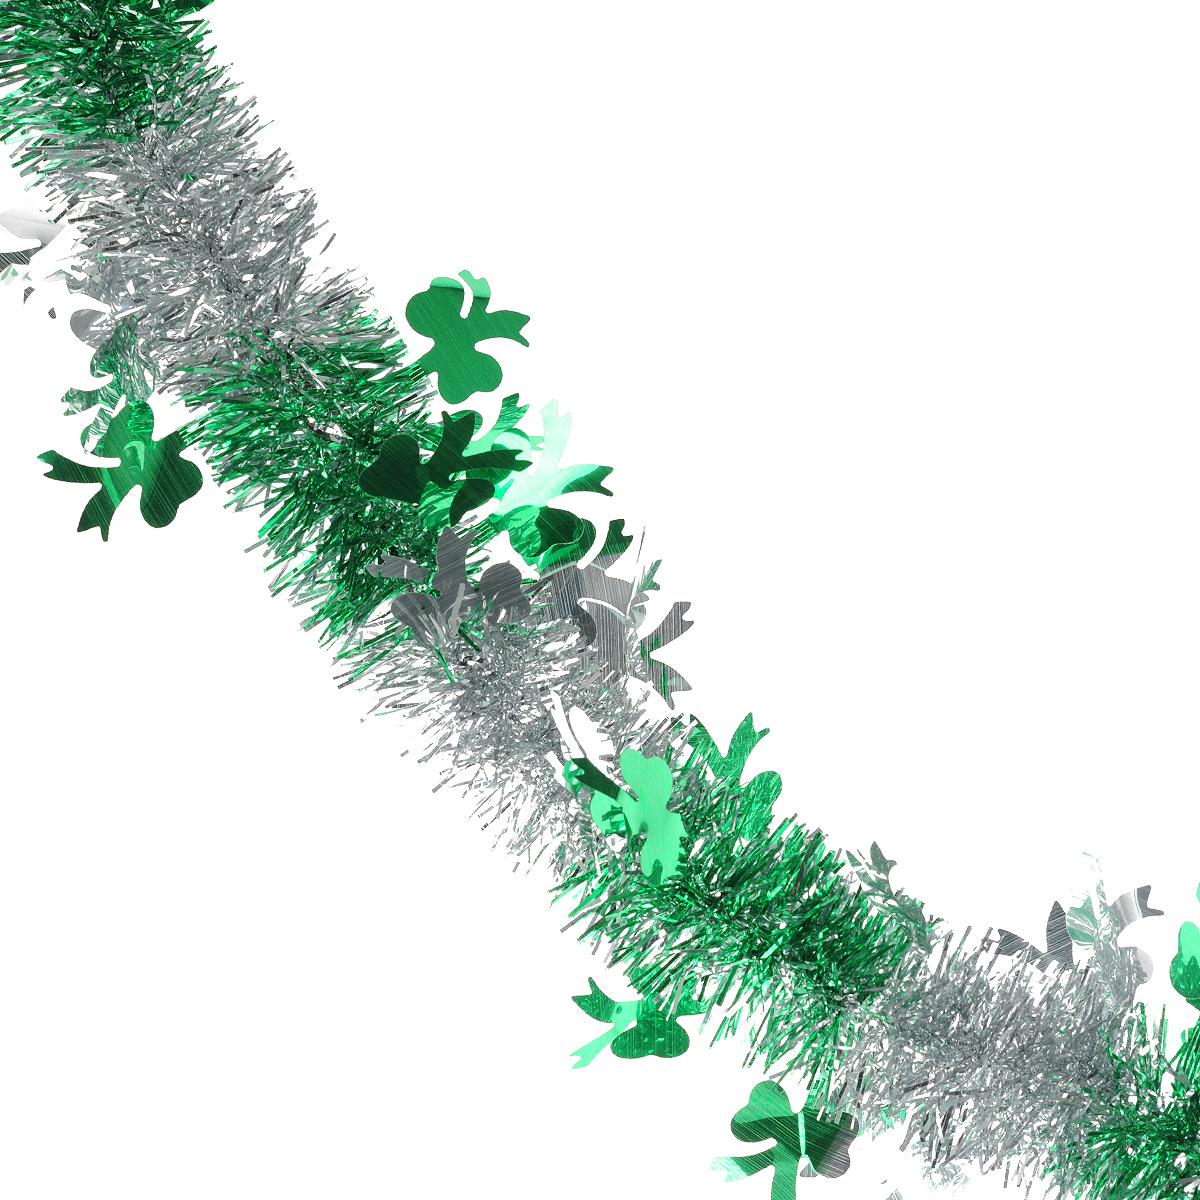 Мишура новогодняя Sima-land, цвет: серебристый, зеленый, диаметр 5 см, длина 200 см. 702605702605Мишура новогодняя Sima-land, выполненная из двухцветной фольги, поможет вам украсить свой дом к предстоящим праздникам. Мишура армирована, то есть имеет проволоку внутри и способна сохранять приданную ей форму. Новогодняя елка с таким украшением станет еще наряднее. Новогодней мишурой можно украсить все, что угодно - елку, квартиру, дачу, офис - как внутри, так и снаружи. Можно сложить новогодние поздравления, буквы и цифры, мишурой можно украсить и дополнить гирлянды, можно выделить дверные колонны, оплести дверные проемы. Коллекция декоративных украшений из серии Зимнее волшебство принесет в ваш дом ни с чем несравнимое ощущение праздника! Создайте в своем доме атмосферу тепла, веселья и радости, украшая его всей семьей.